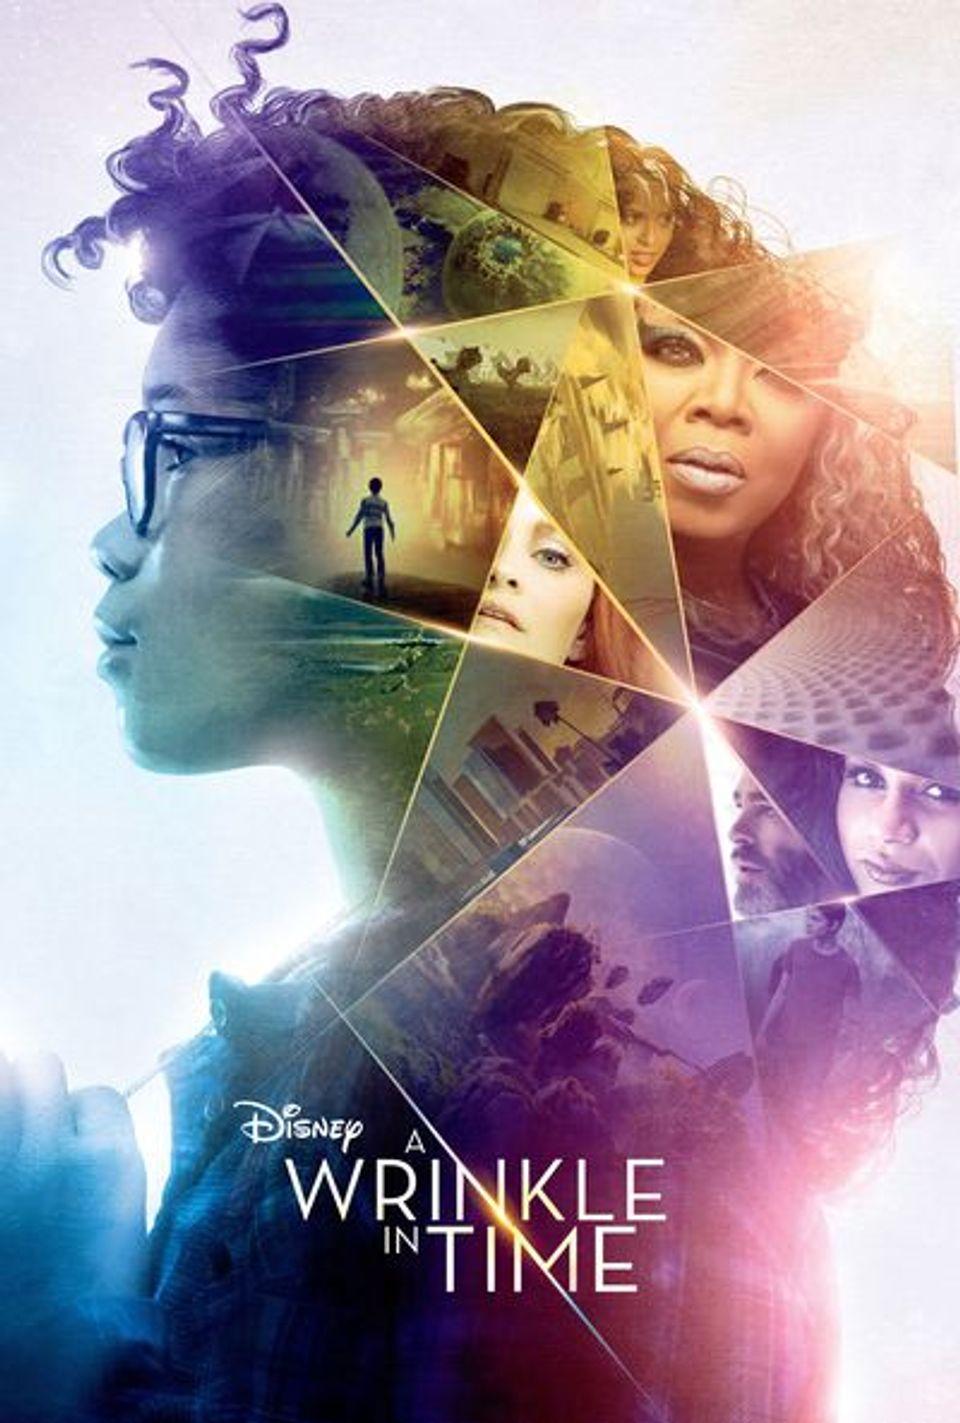 """ภ.ฝรั่ง """"A WRINKLE IN TIME : ย่นเวลาทะลุมิติ"""" (A WRINKLE IN TIME)"""